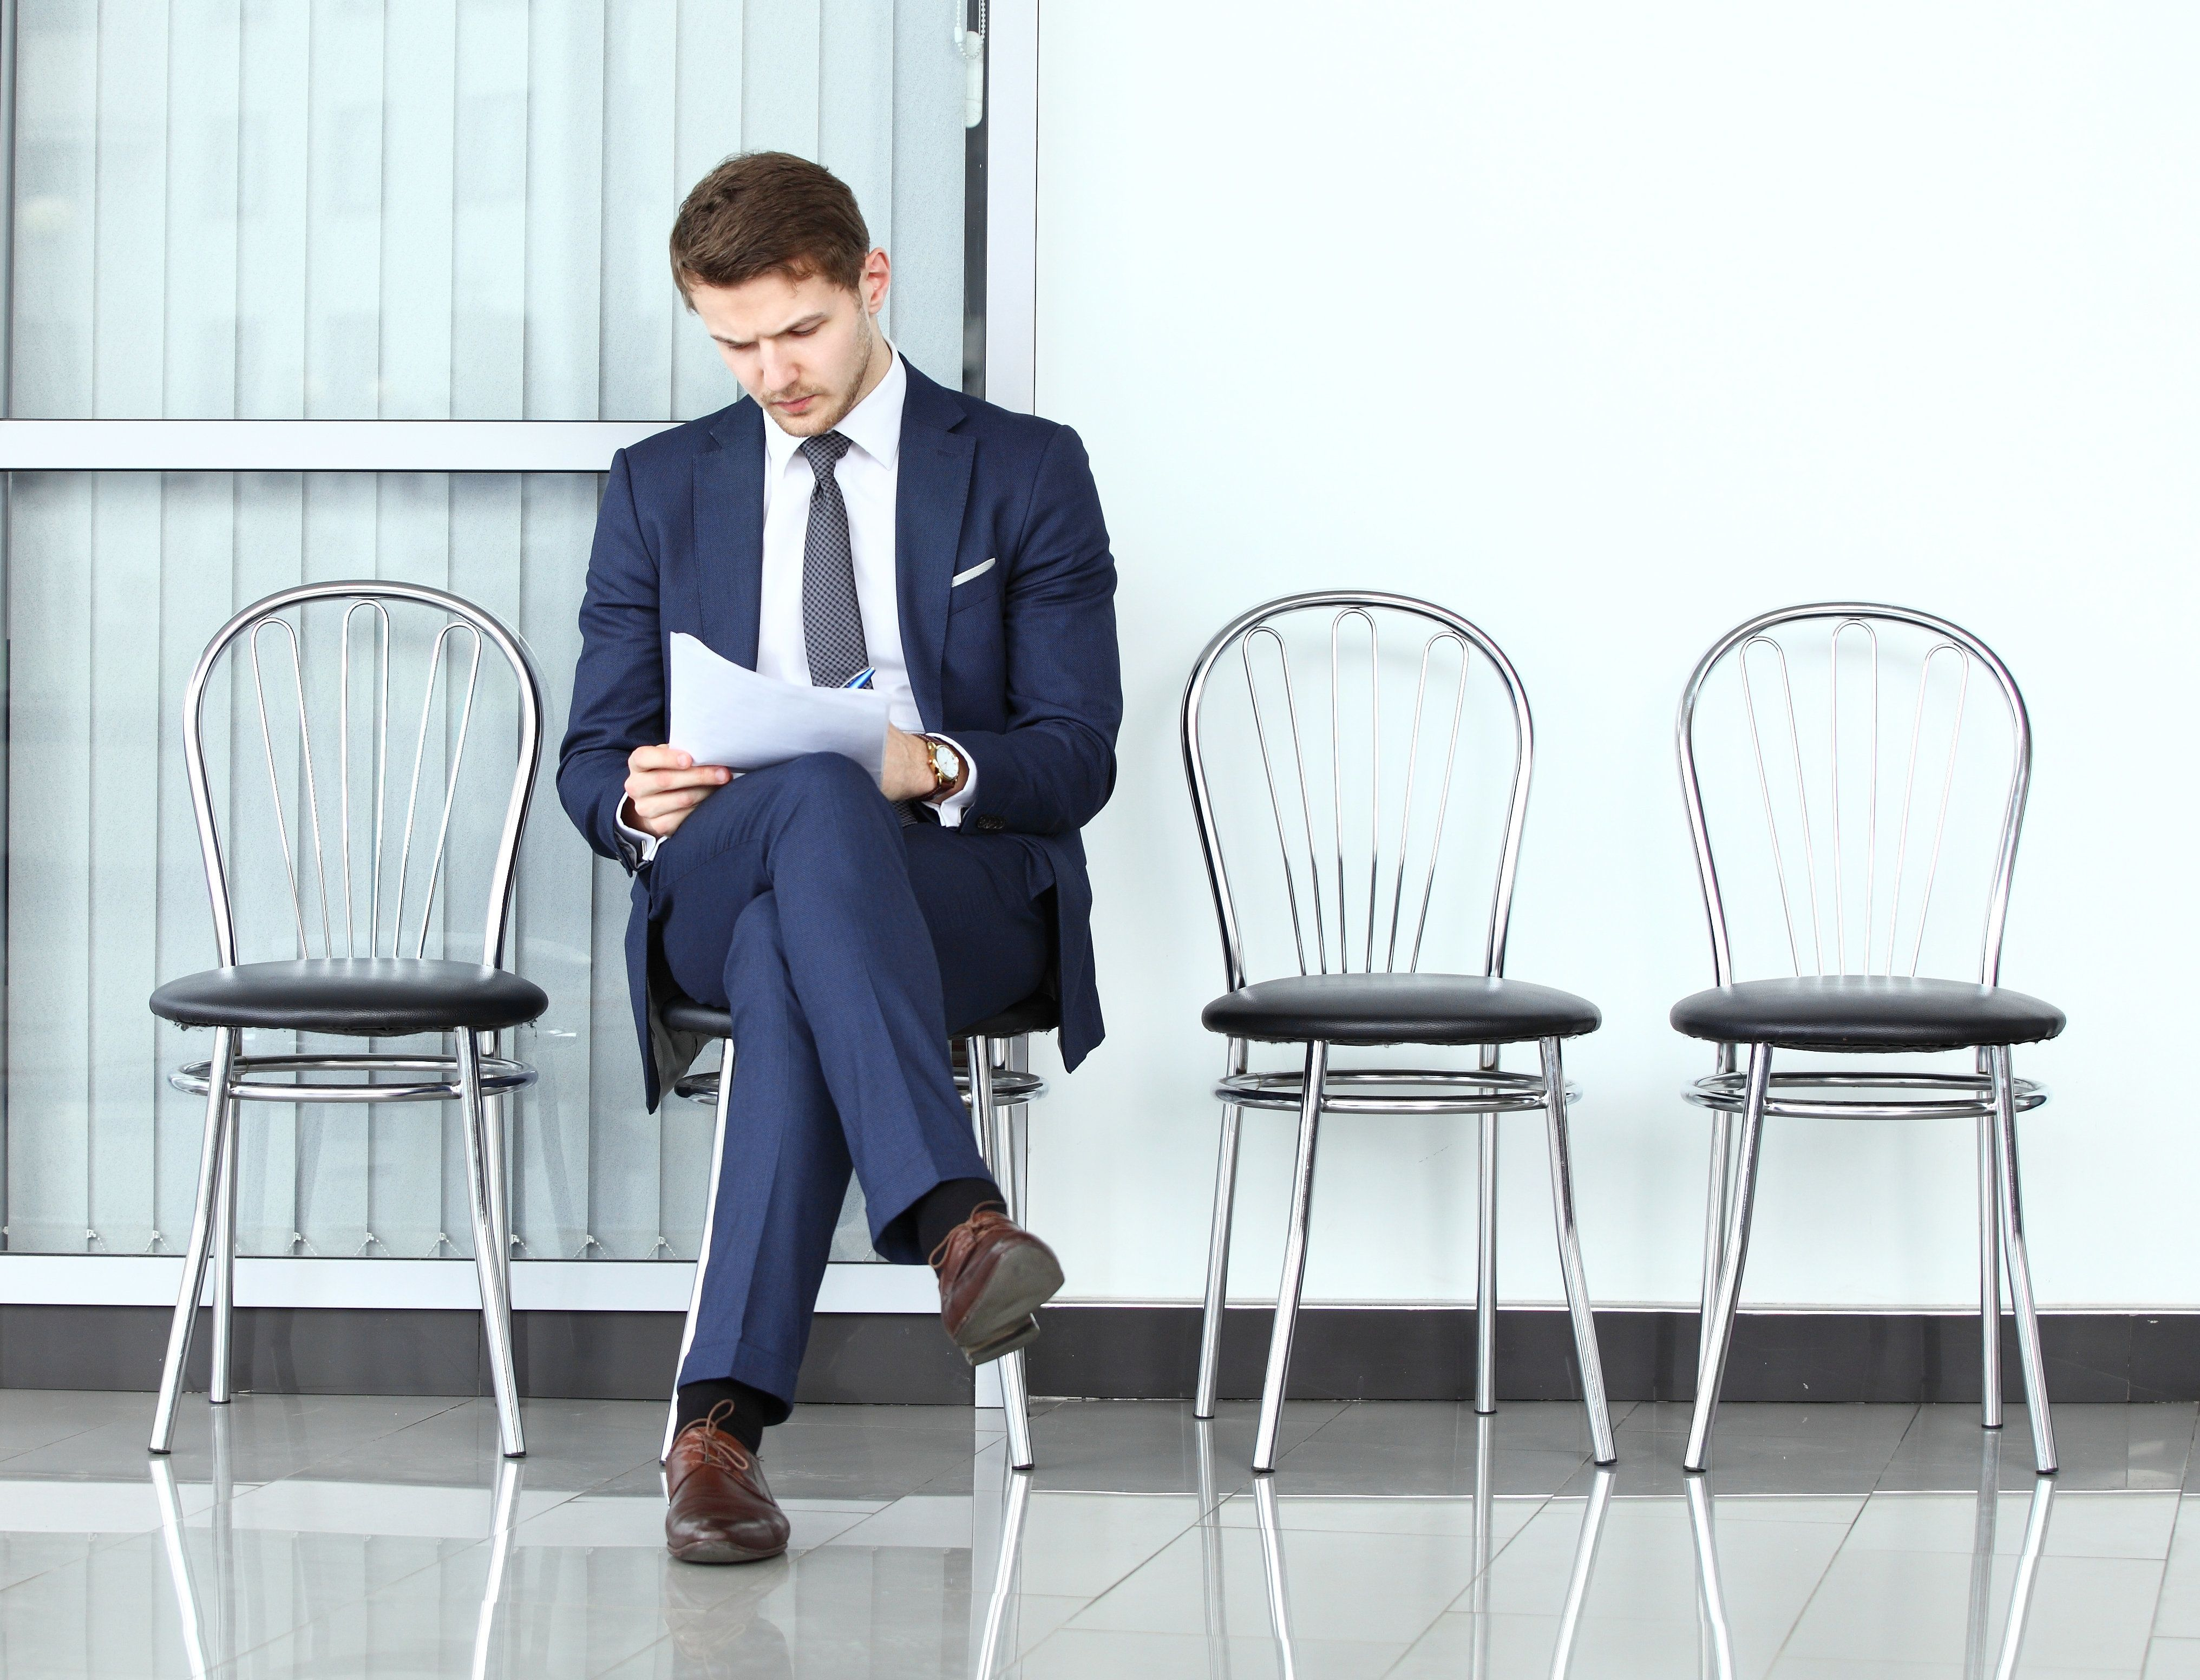 Experten warnen: Das ist der größte Fehler, den ihr in einem Bewerbungsgespräch machen